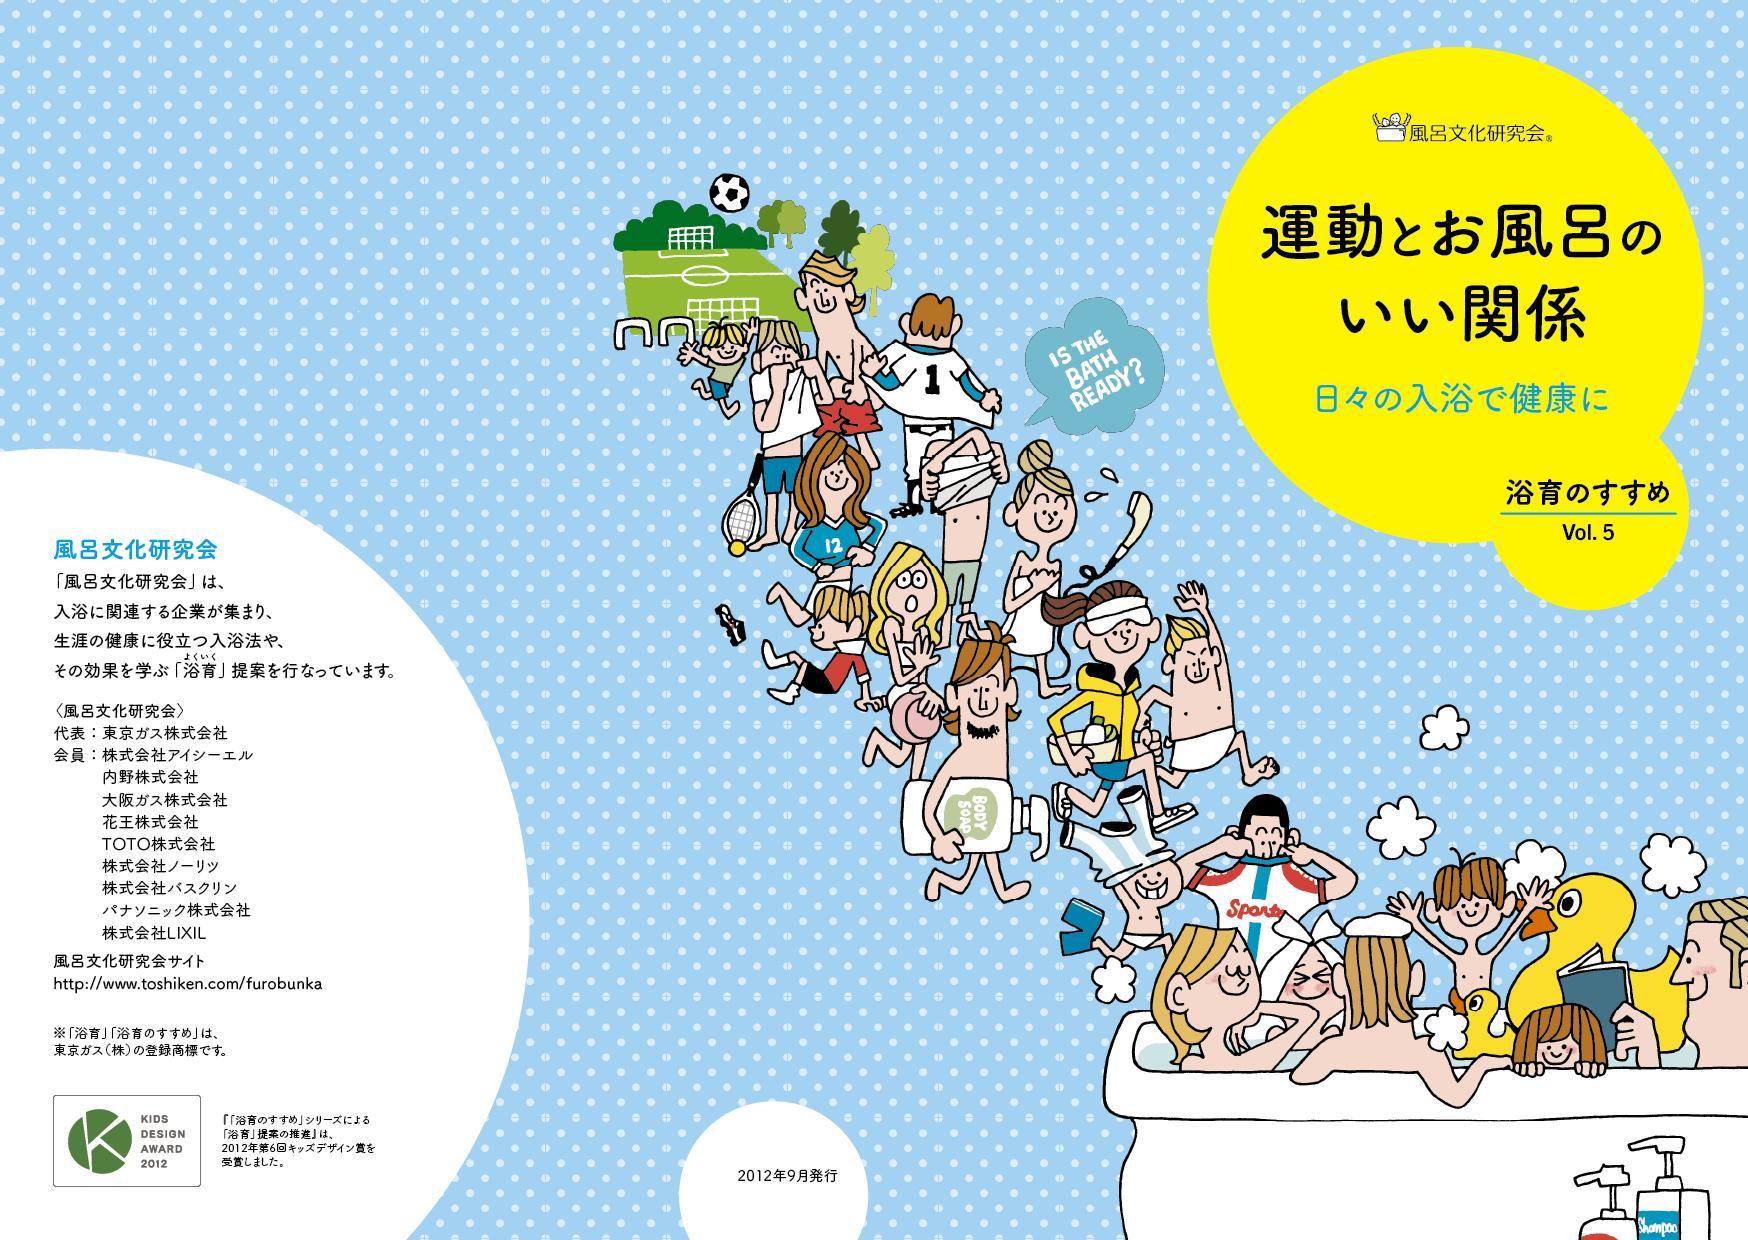 風呂文化研究会「運動とお風呂のいい関係~日々の入浴で健康に~」